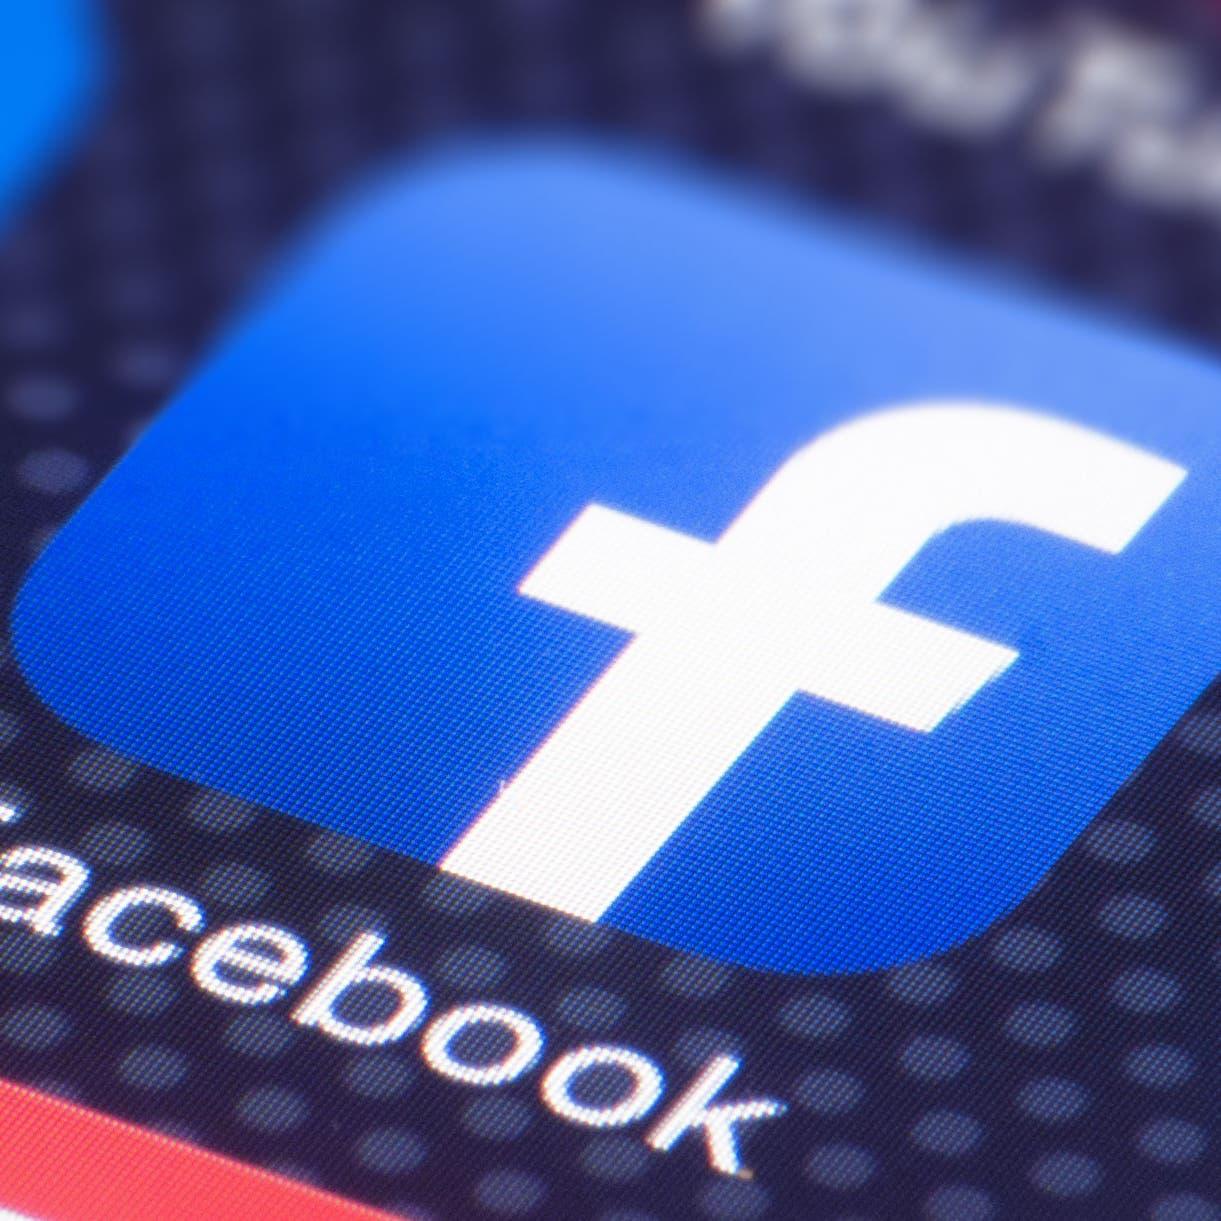 """صفقة تكشف خطة """"فيسبوك"""" لتحويل """"واتساب"""" إلى منجم ذهب"""